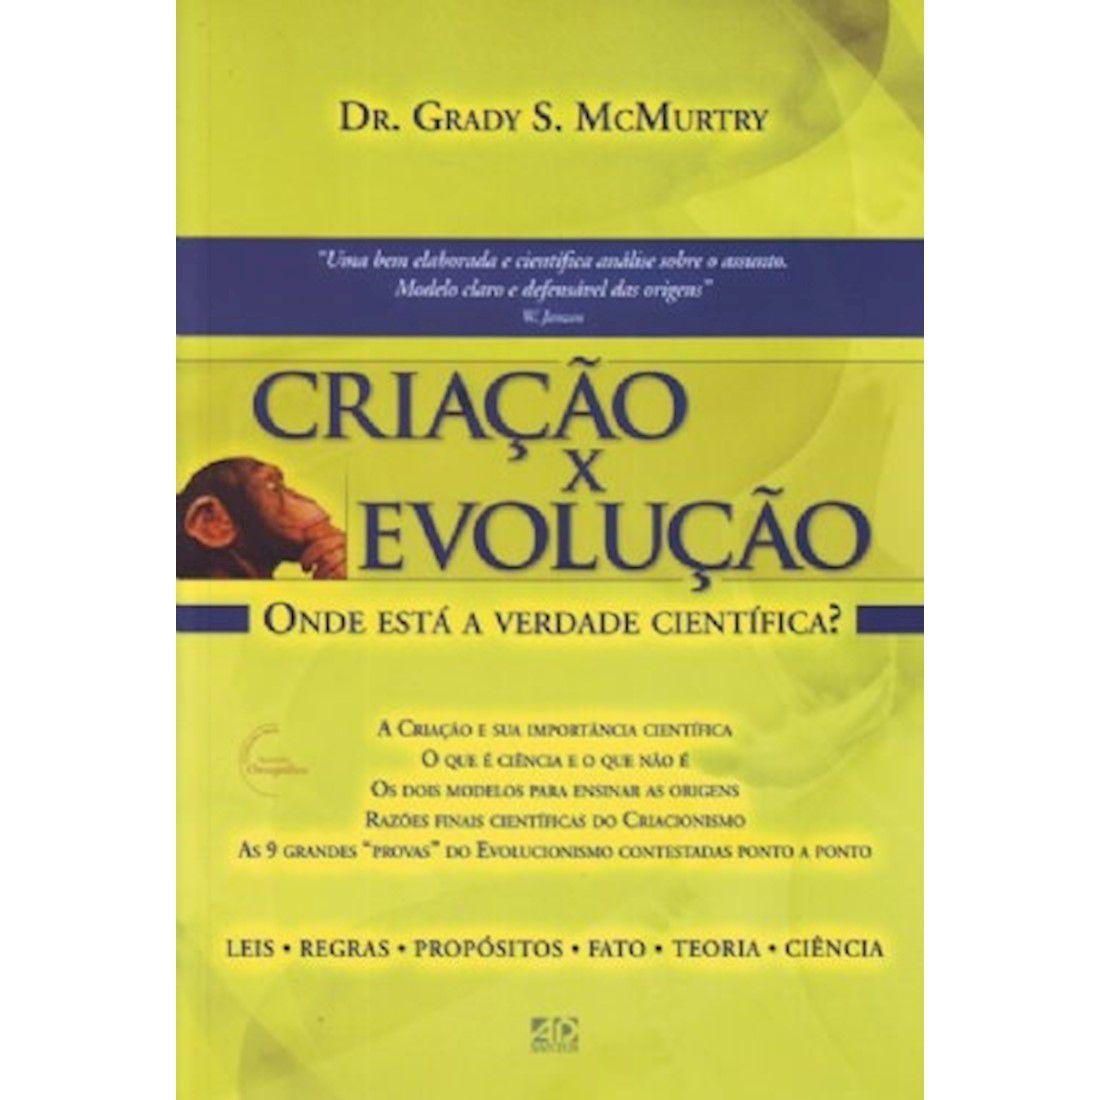 Livro Criação x Evolução